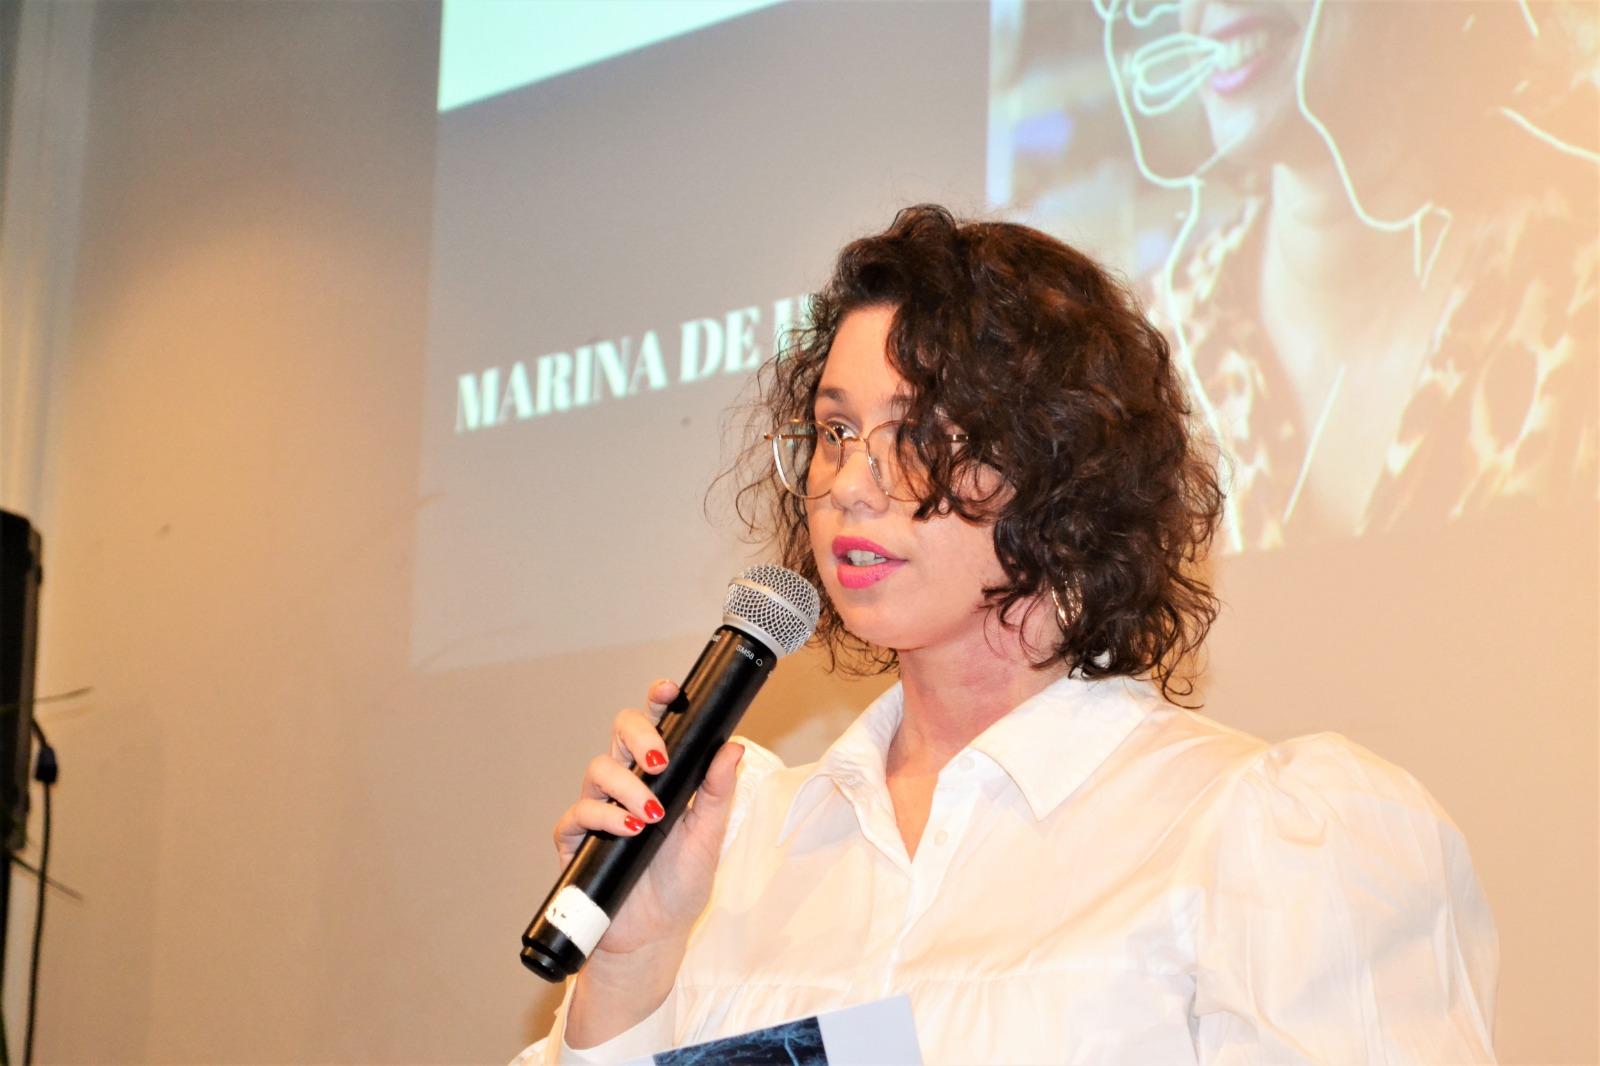 Marina de Haan dichter